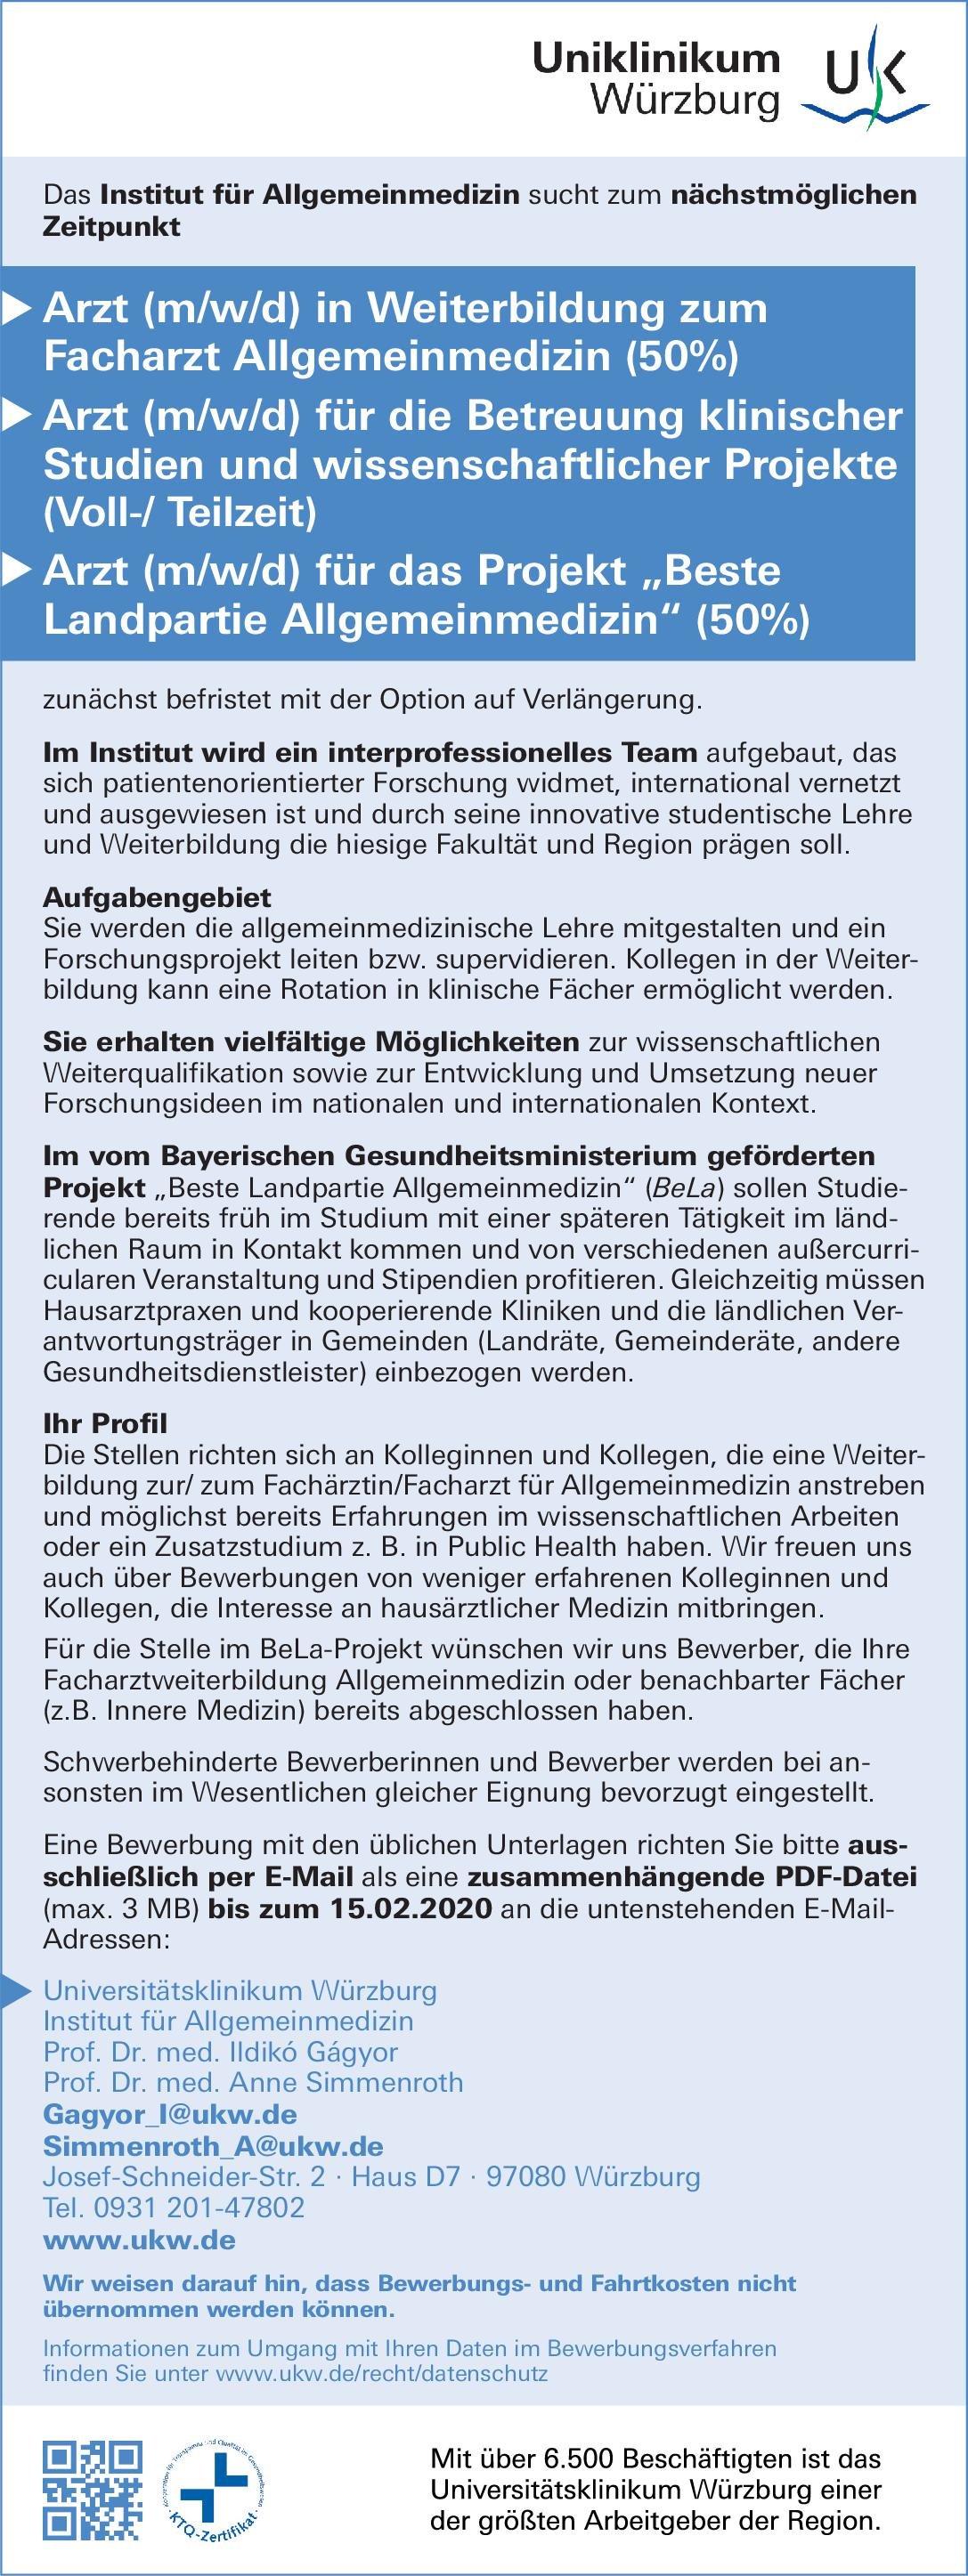 Universitätsklinikum Würzburg Arzt (m/w/d) in Weiterbildung zum Facharzt Allgemeinmedizin (50%) Allgemeinmedizin Assistenzarzt / Arzt in Weiterbildung